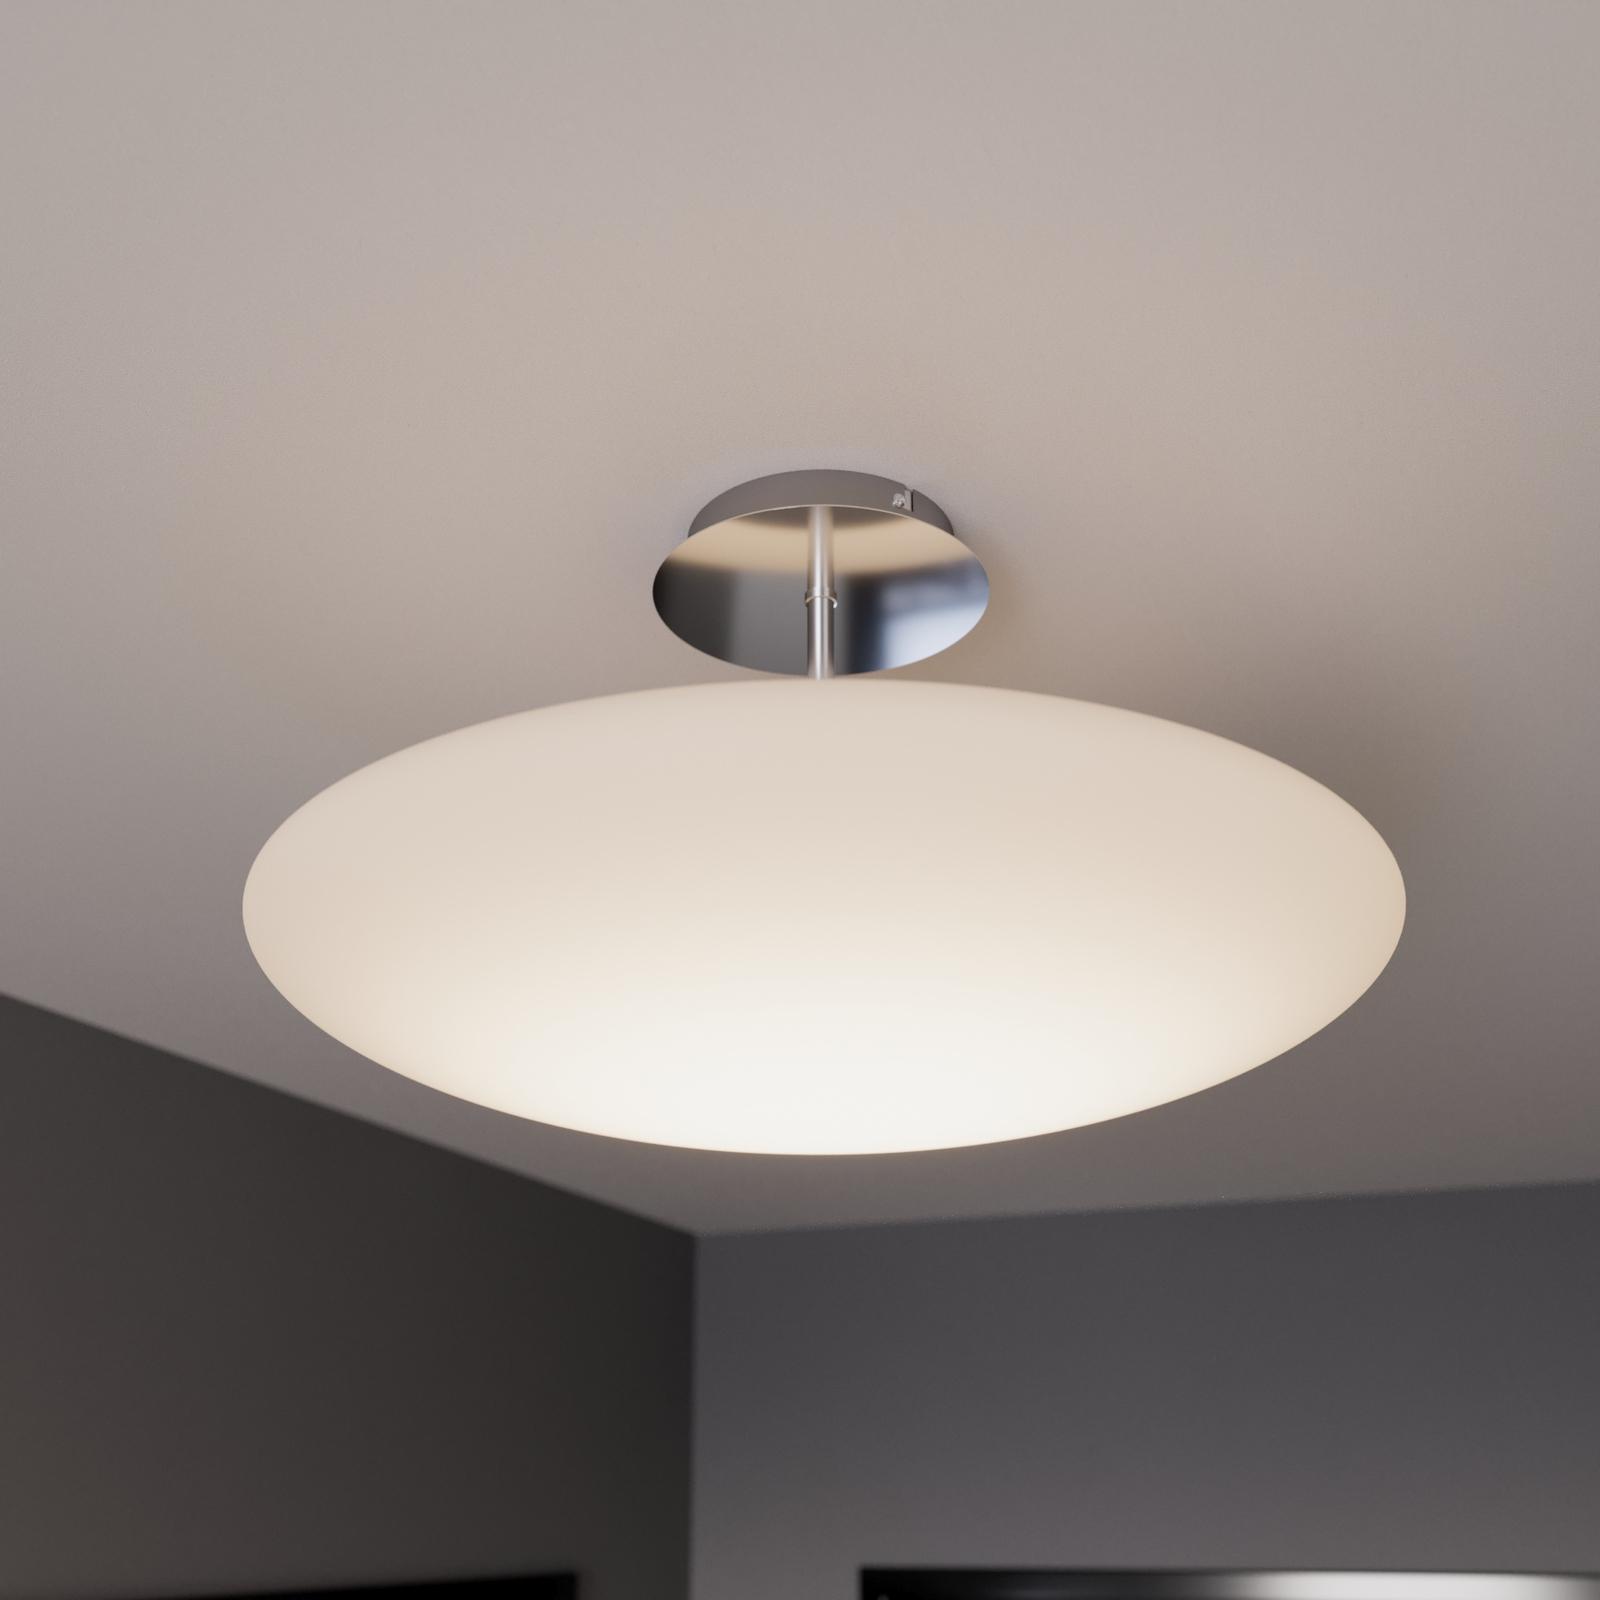 LED-taklampa Gunda i opalglas, vit